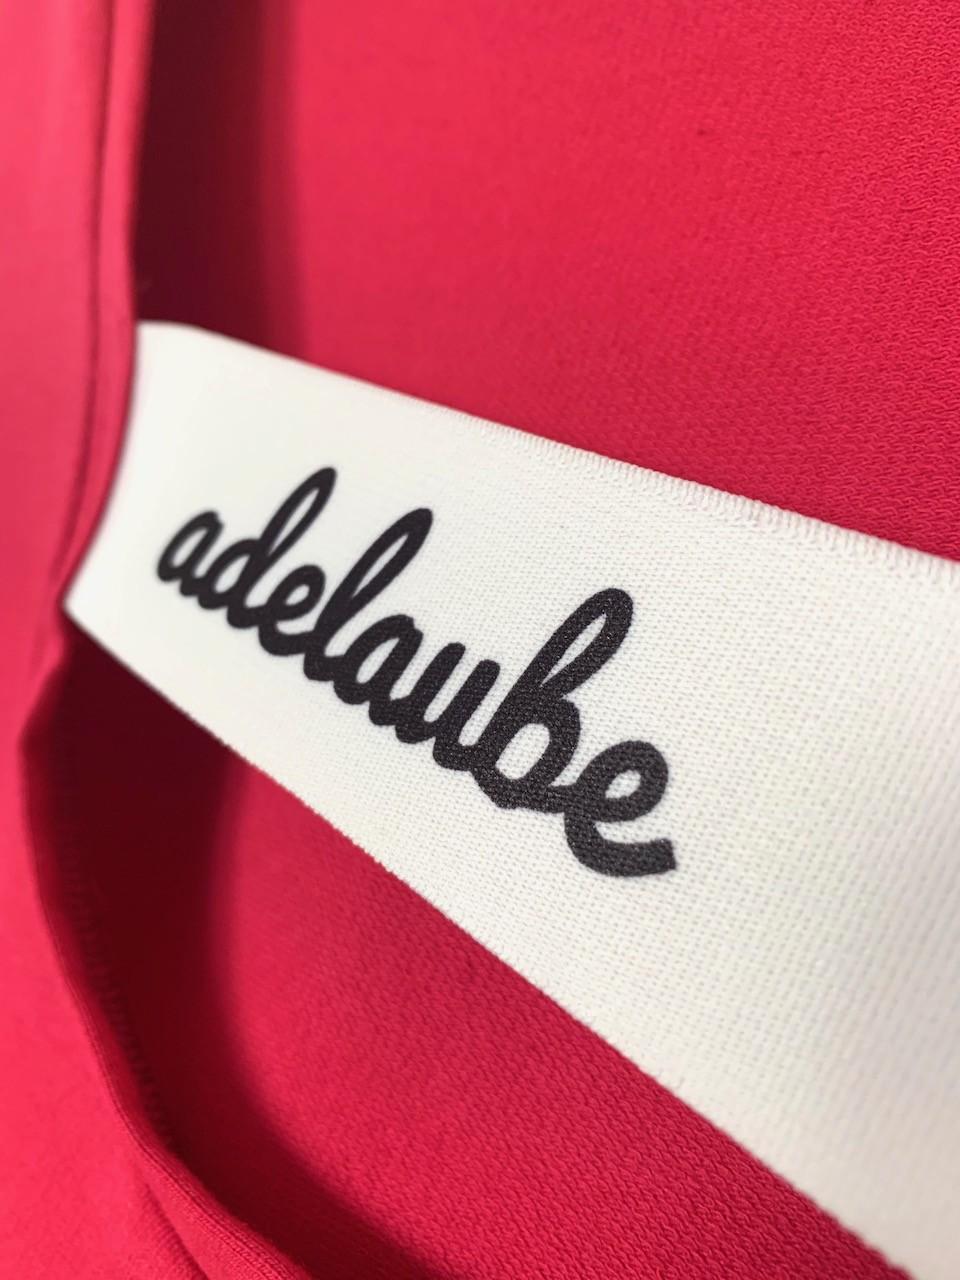 Adelaube